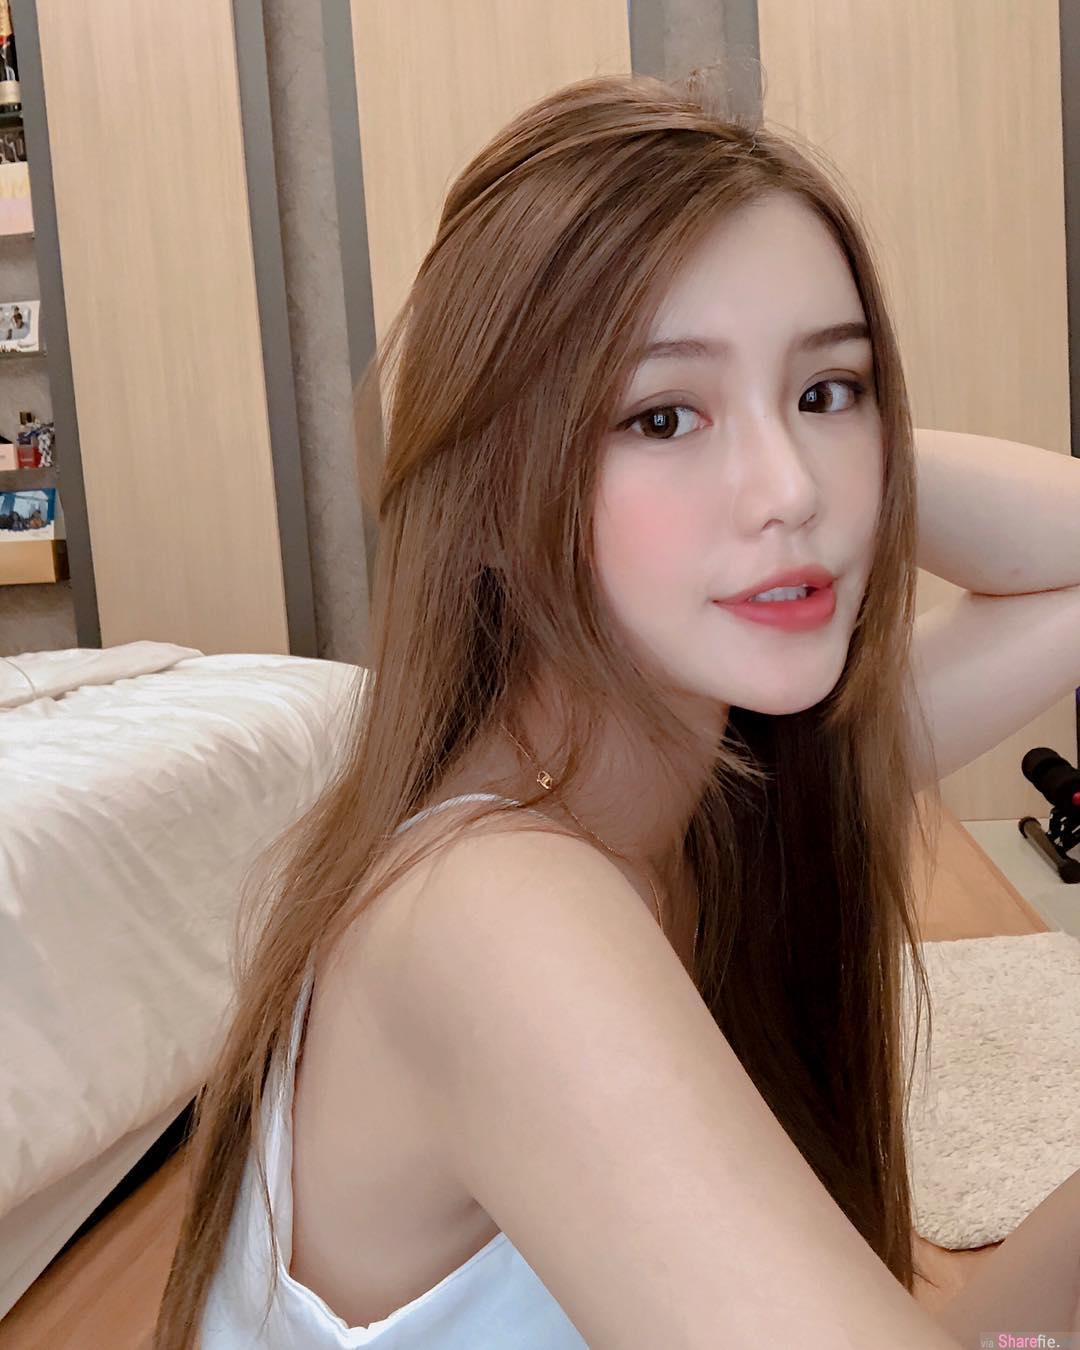 大马正妹Chuithing Lim穿泳衣自拍吃早餐,短短几秒网友却一直重播